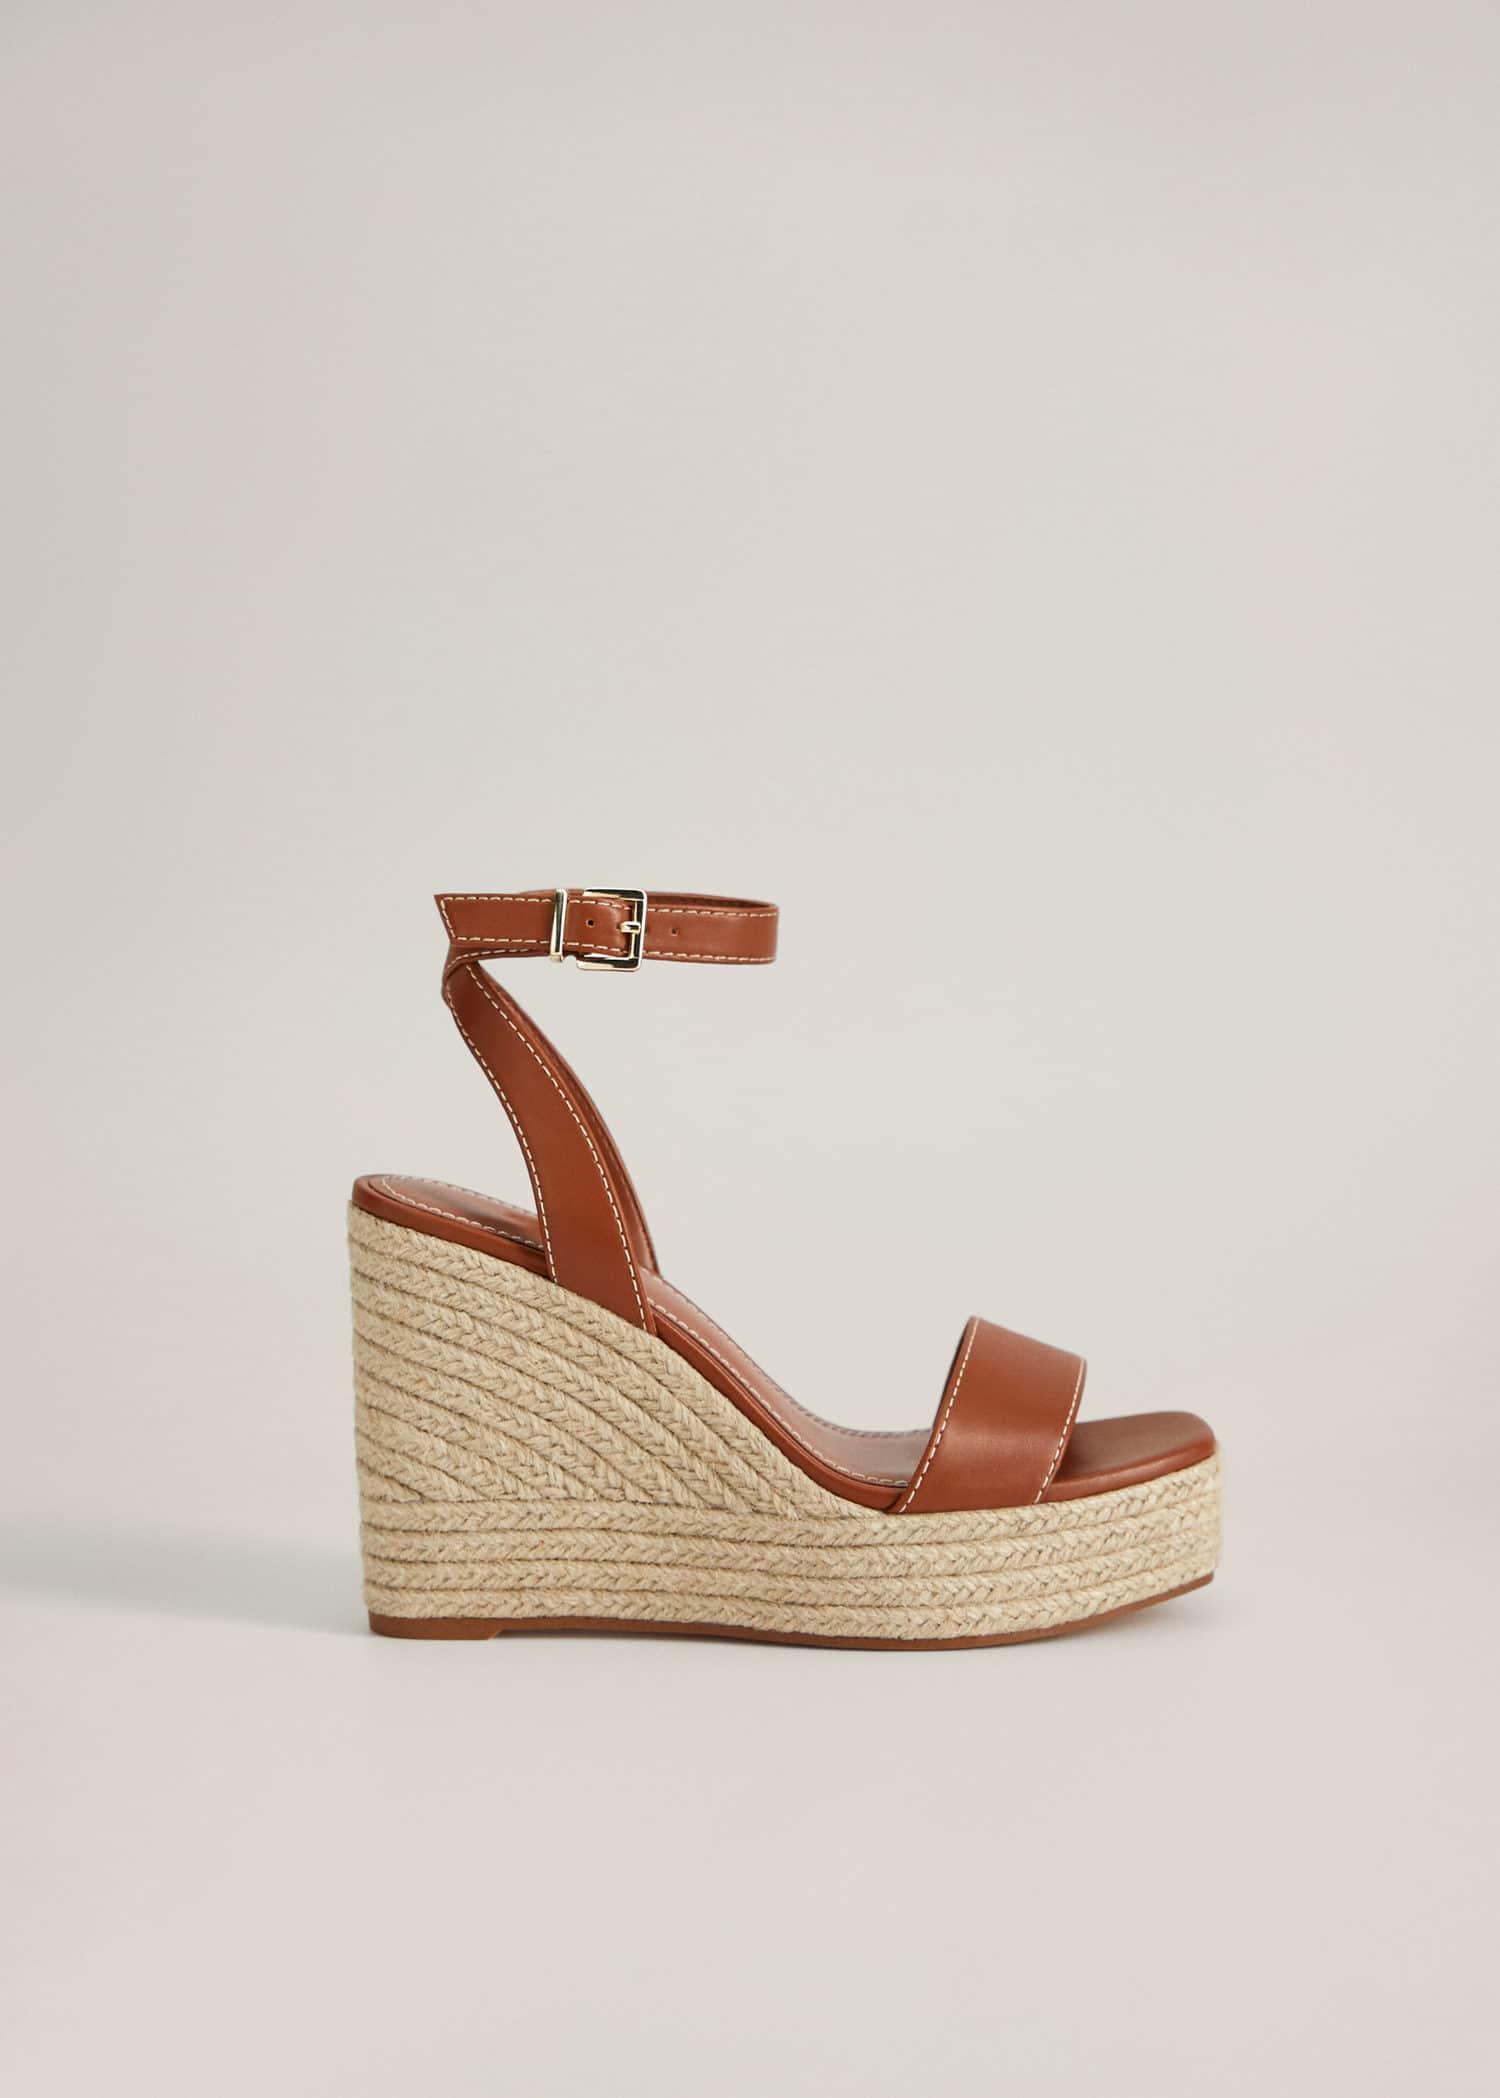 Sandales compensées boucle Femme | Mango France